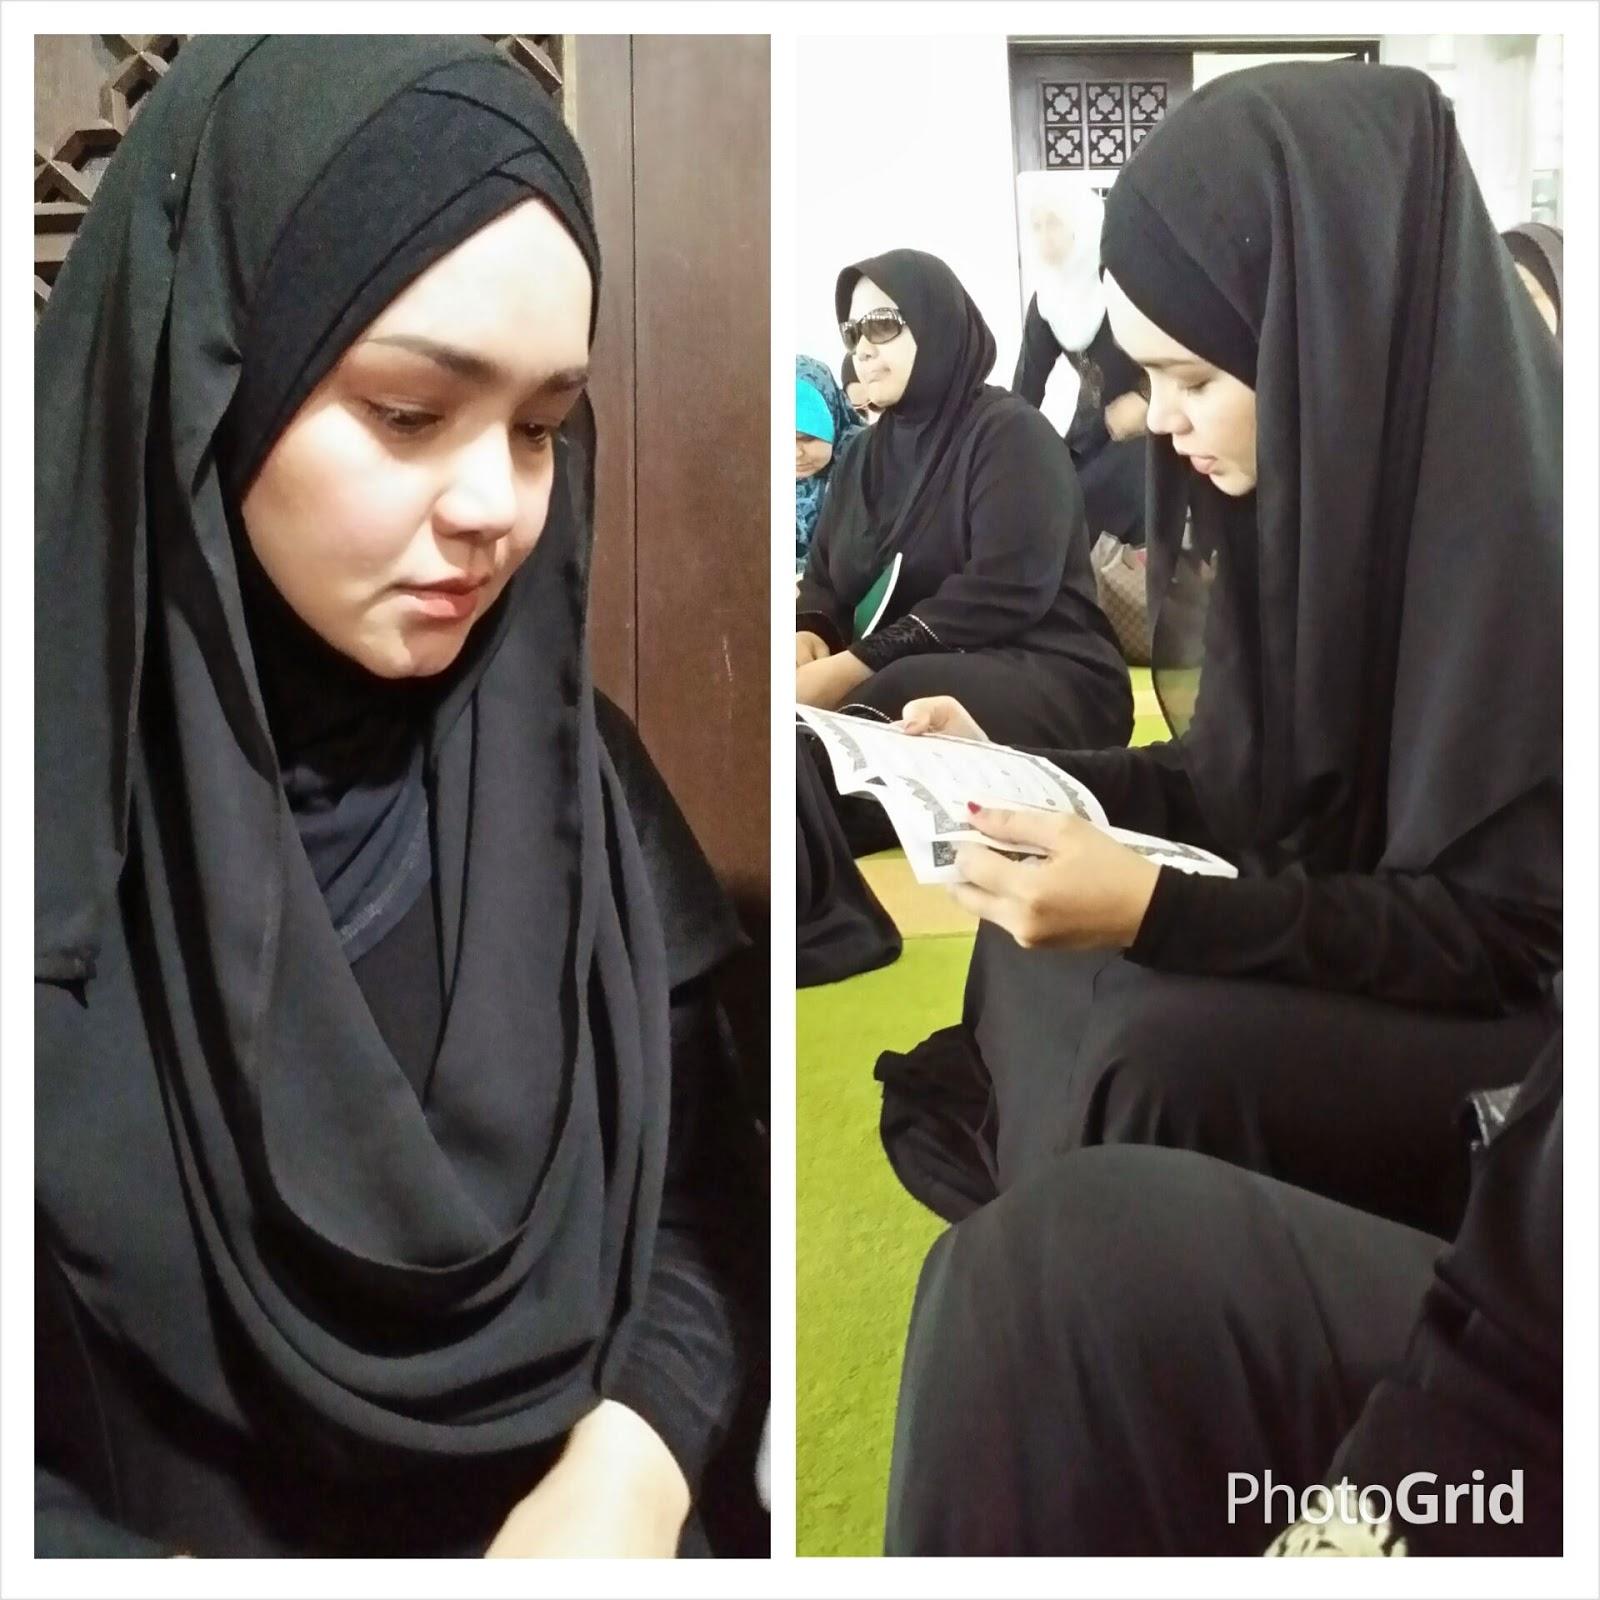 Siti Nurhaliza: Meninggal Dunia Bulan Ramadan, Tok Pah Insan Terpilih Yang Hebat